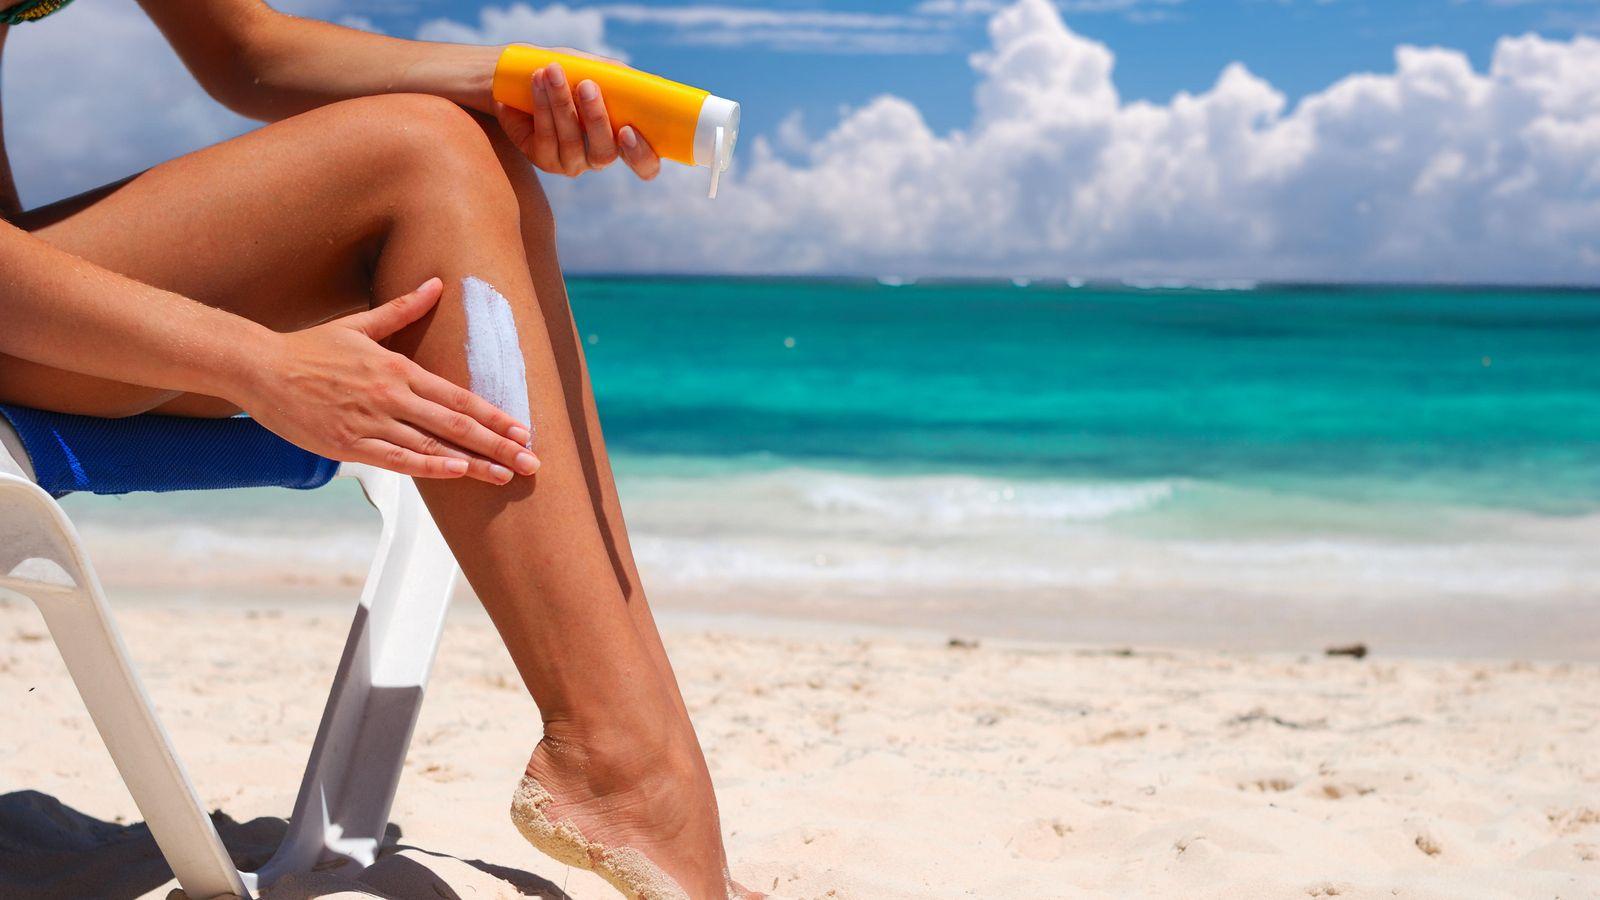 Krebsgefahr: Alte Sonnencreme kann gesundheitsschädlich sein